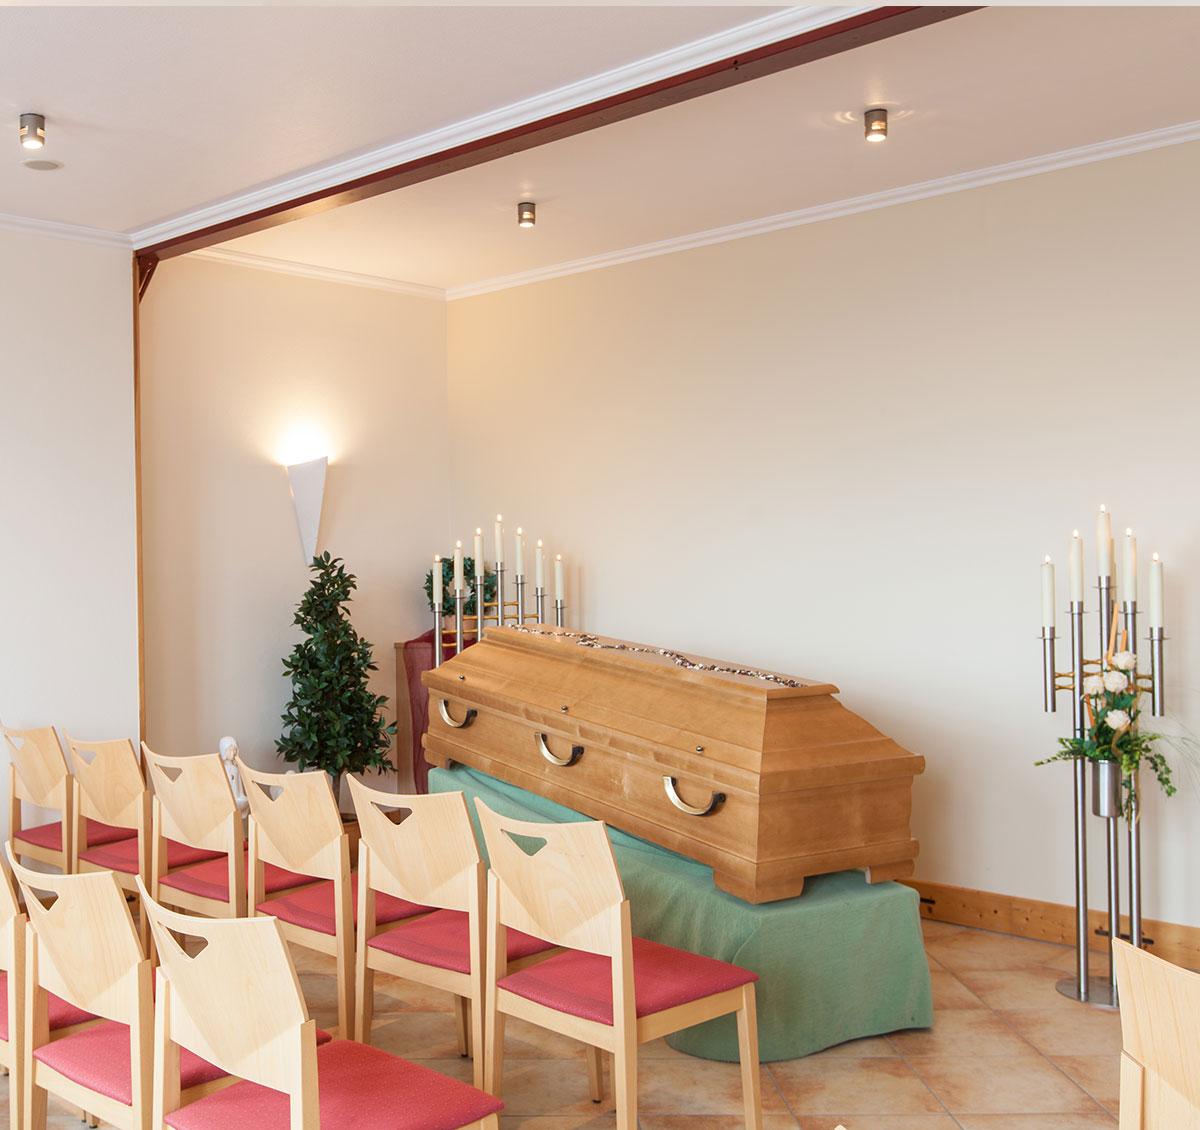 Brauns Bestattungen · Überführungen · Bestattungsvorsorge in Minden, Hille & Lübbecke· Abschied